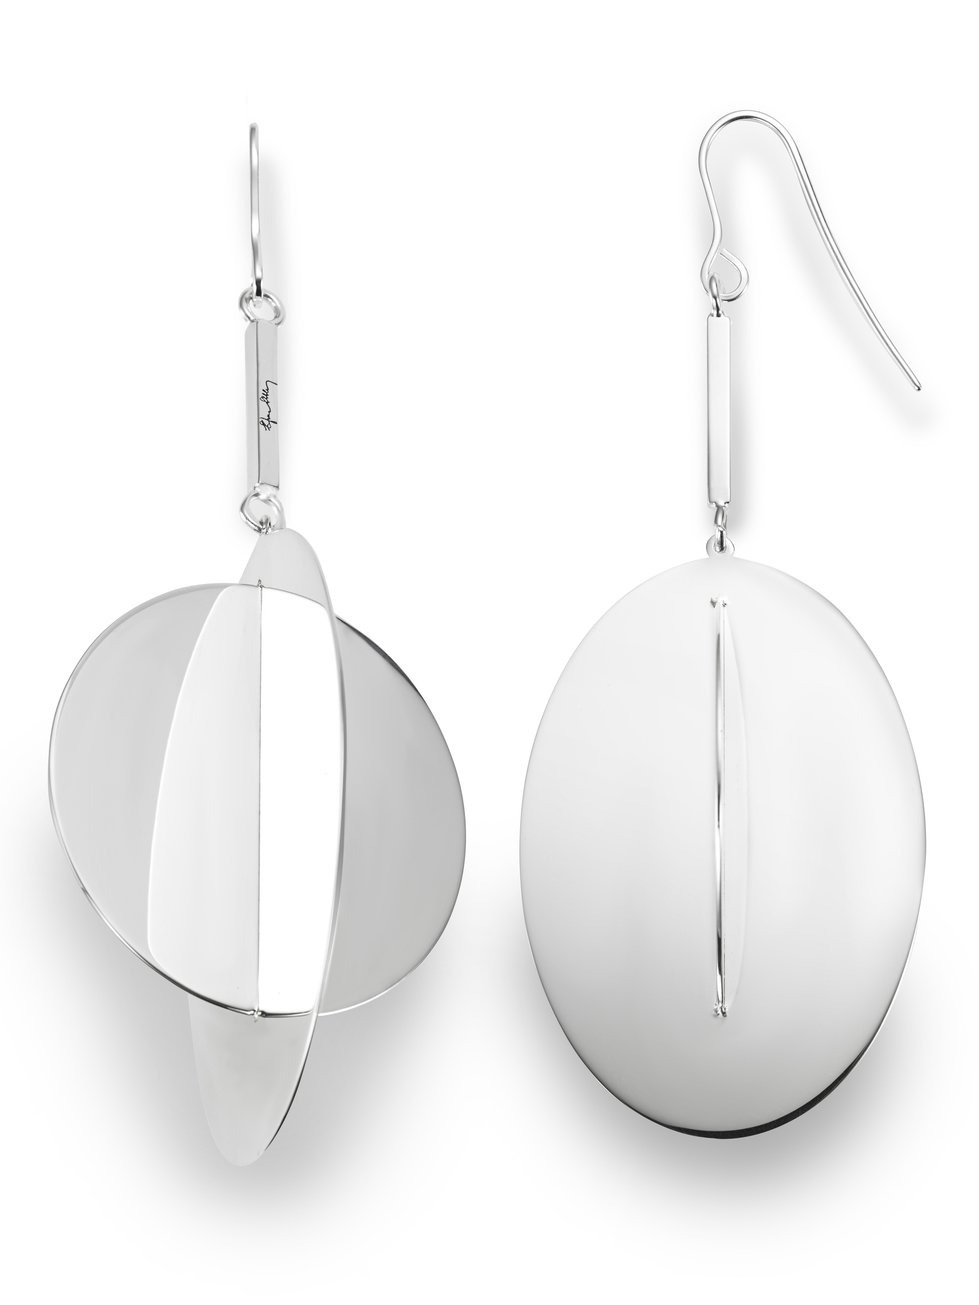 Reflections Earrings 12-100-01286(2)